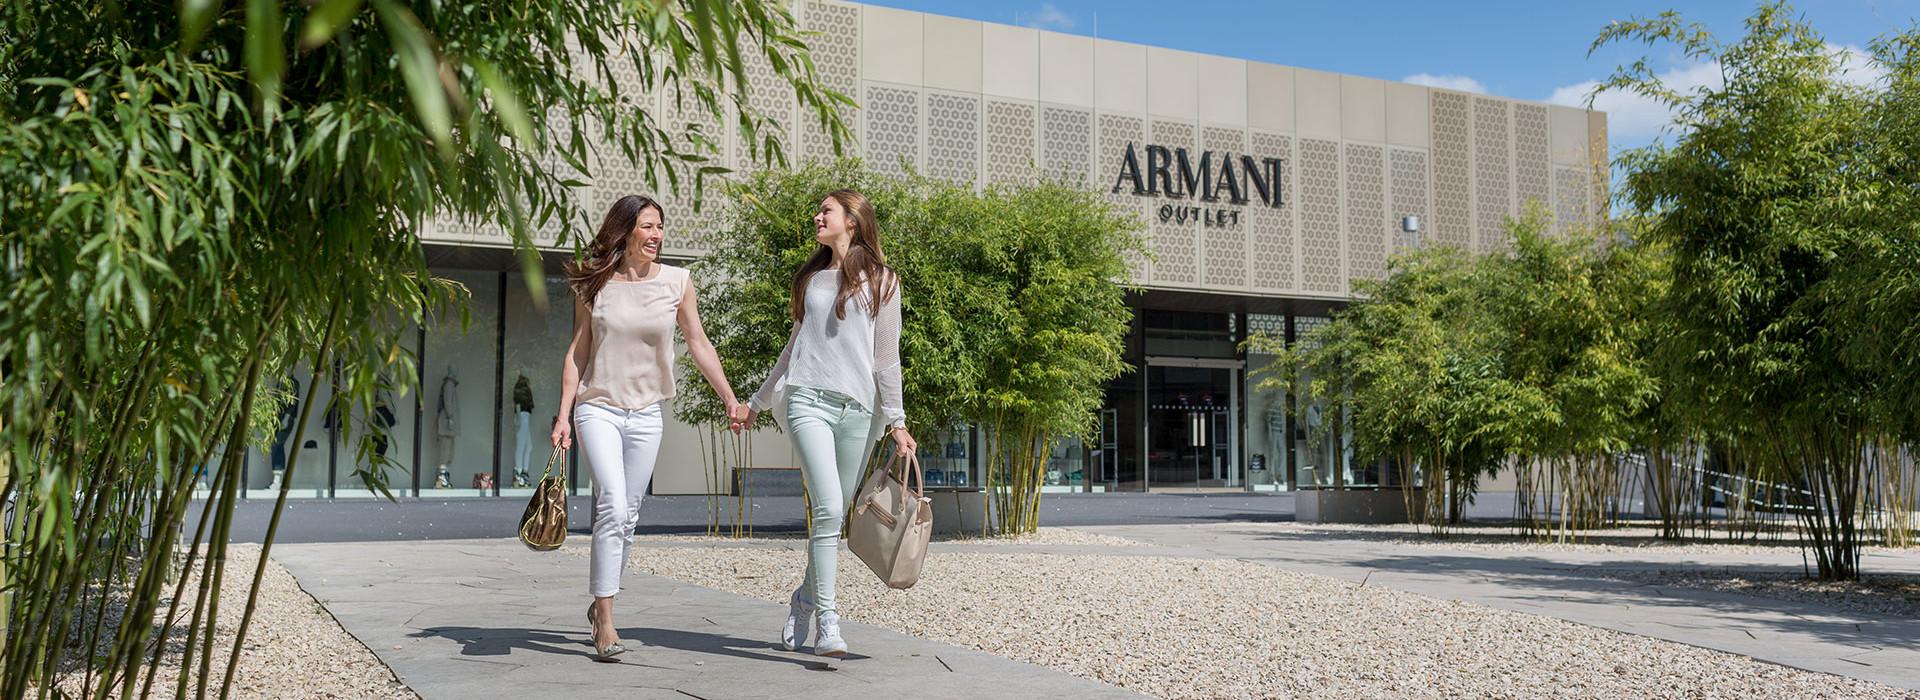 Zwei Frauen bummeln mit Einkaufstaschen im Fabrikverkauf, links und rechts Bäume